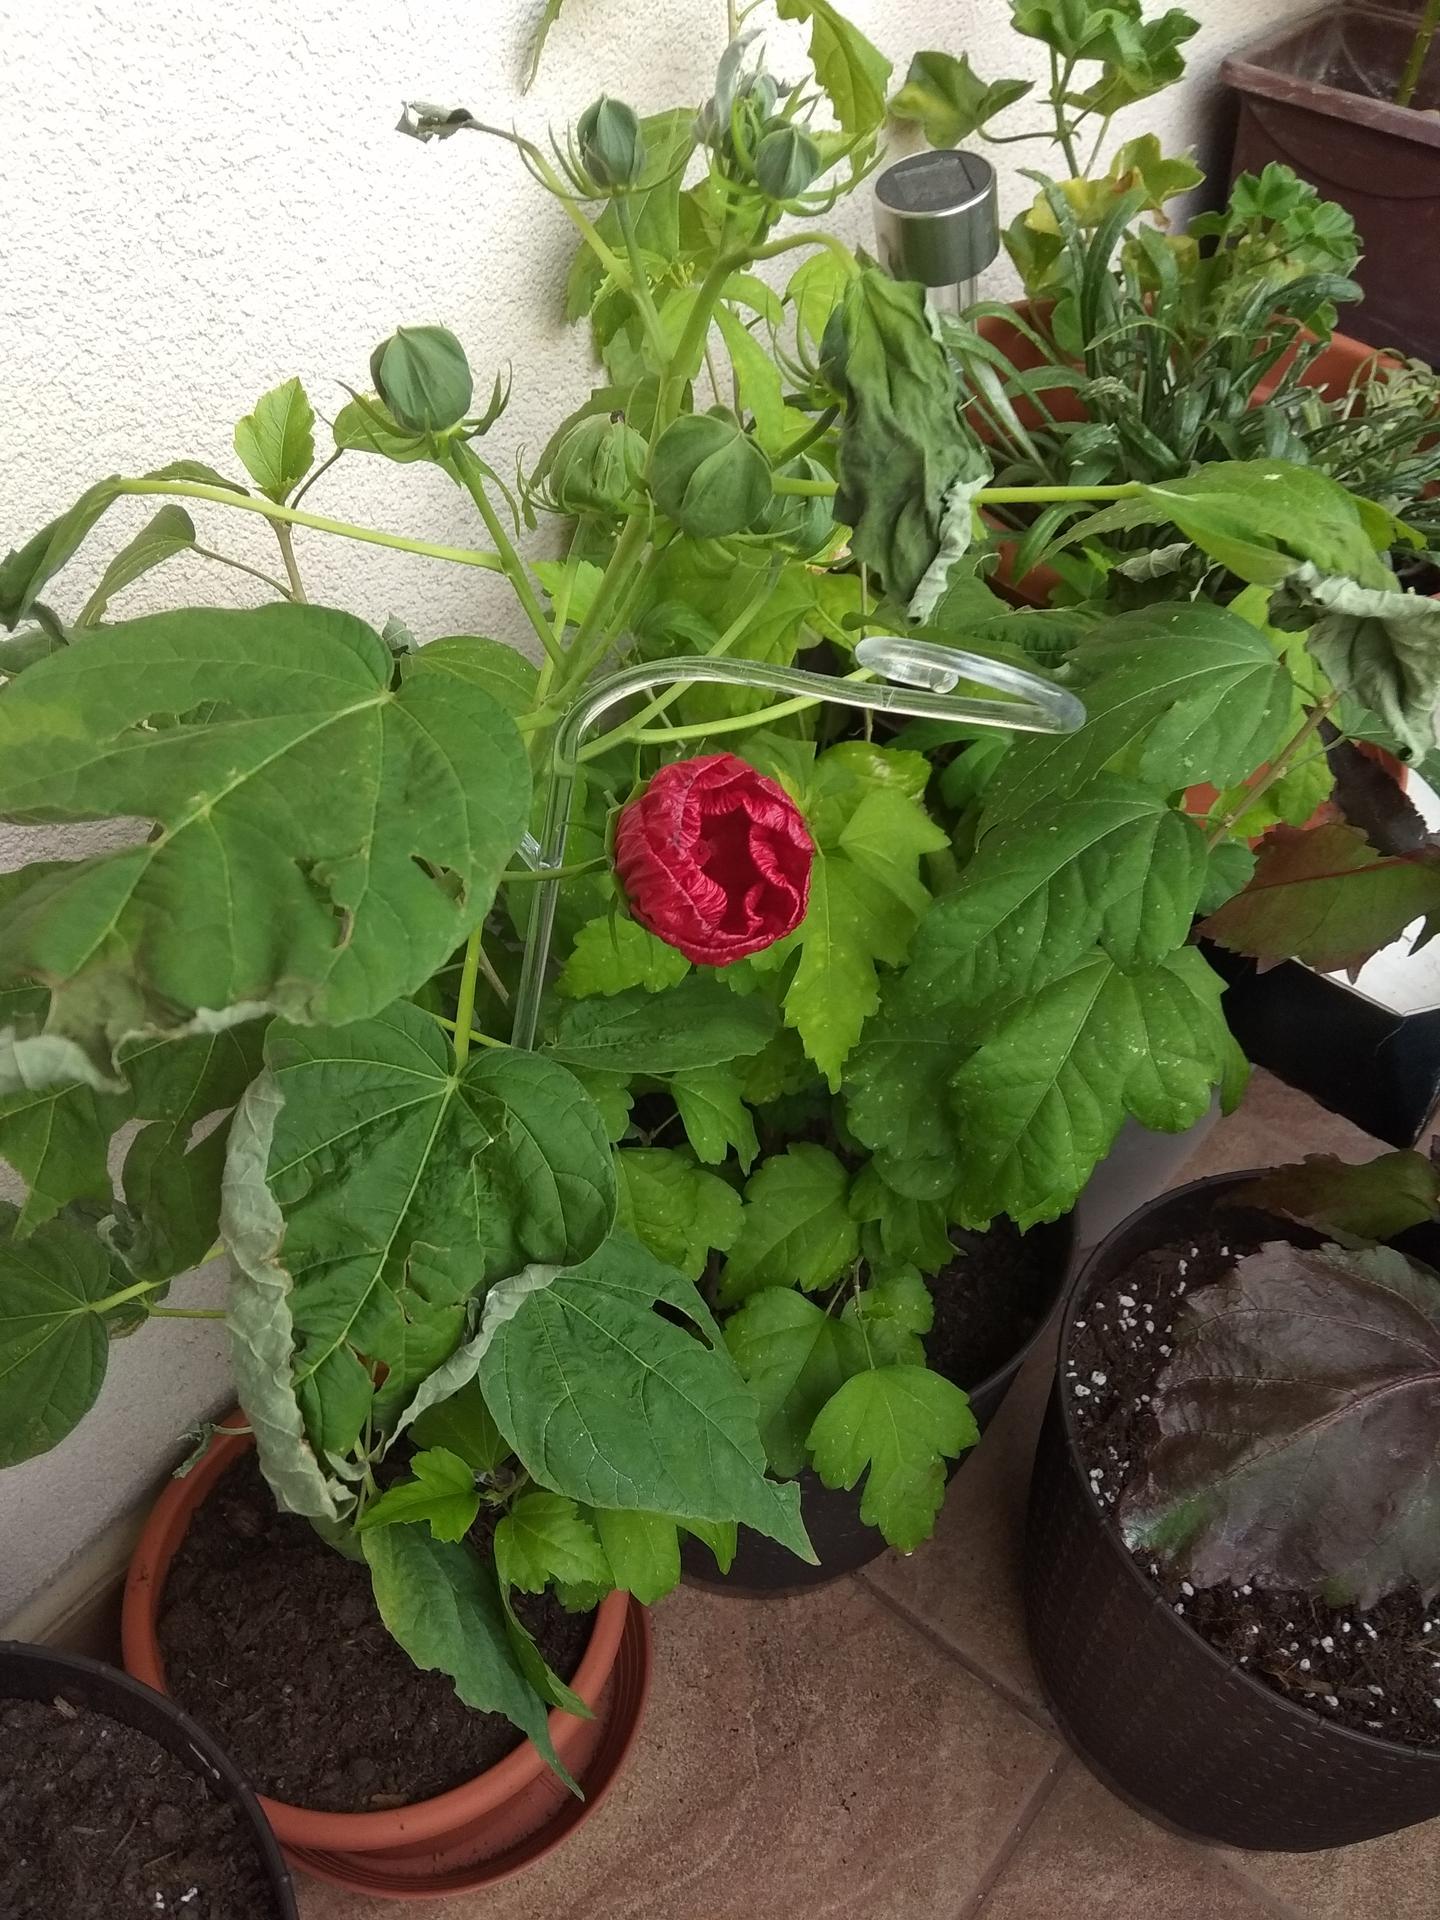 Moje balkónové kvetinkové miš - maš 🙂🌻🥀🍀🌸 - Obrázok č. 63